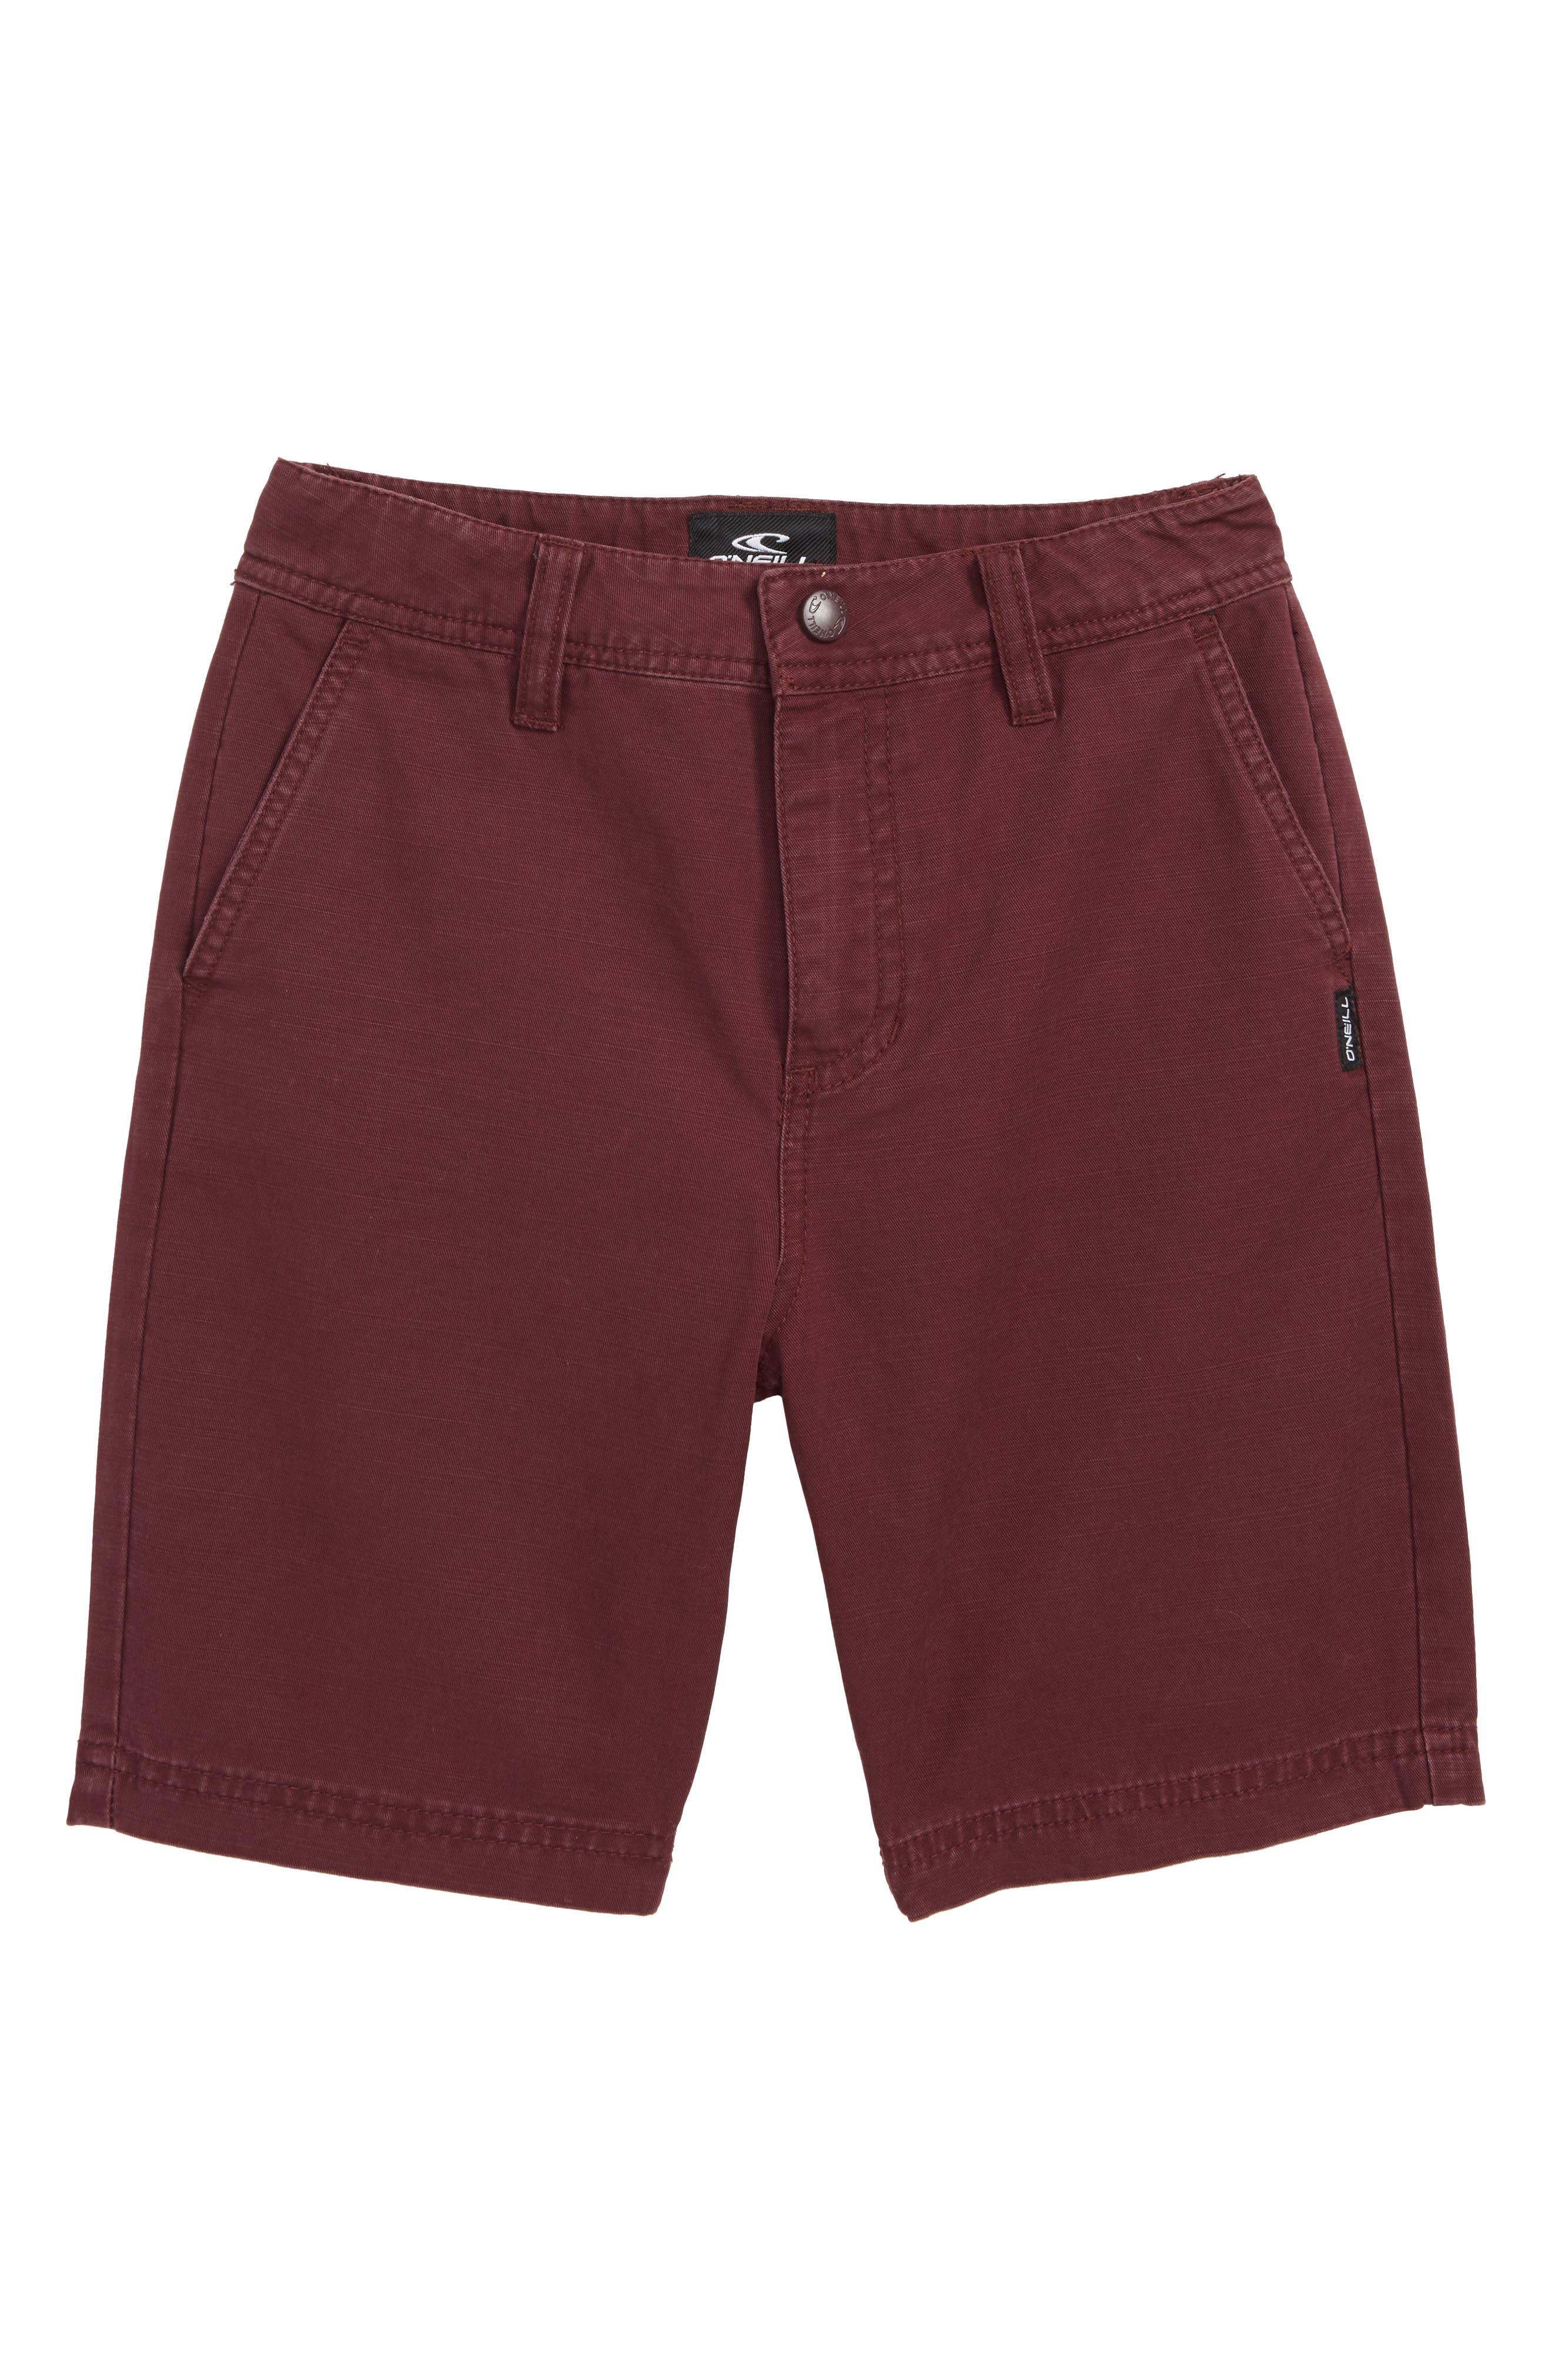 Jay Chino Shorts,                             Main thumbnail 1, color,                             WINE